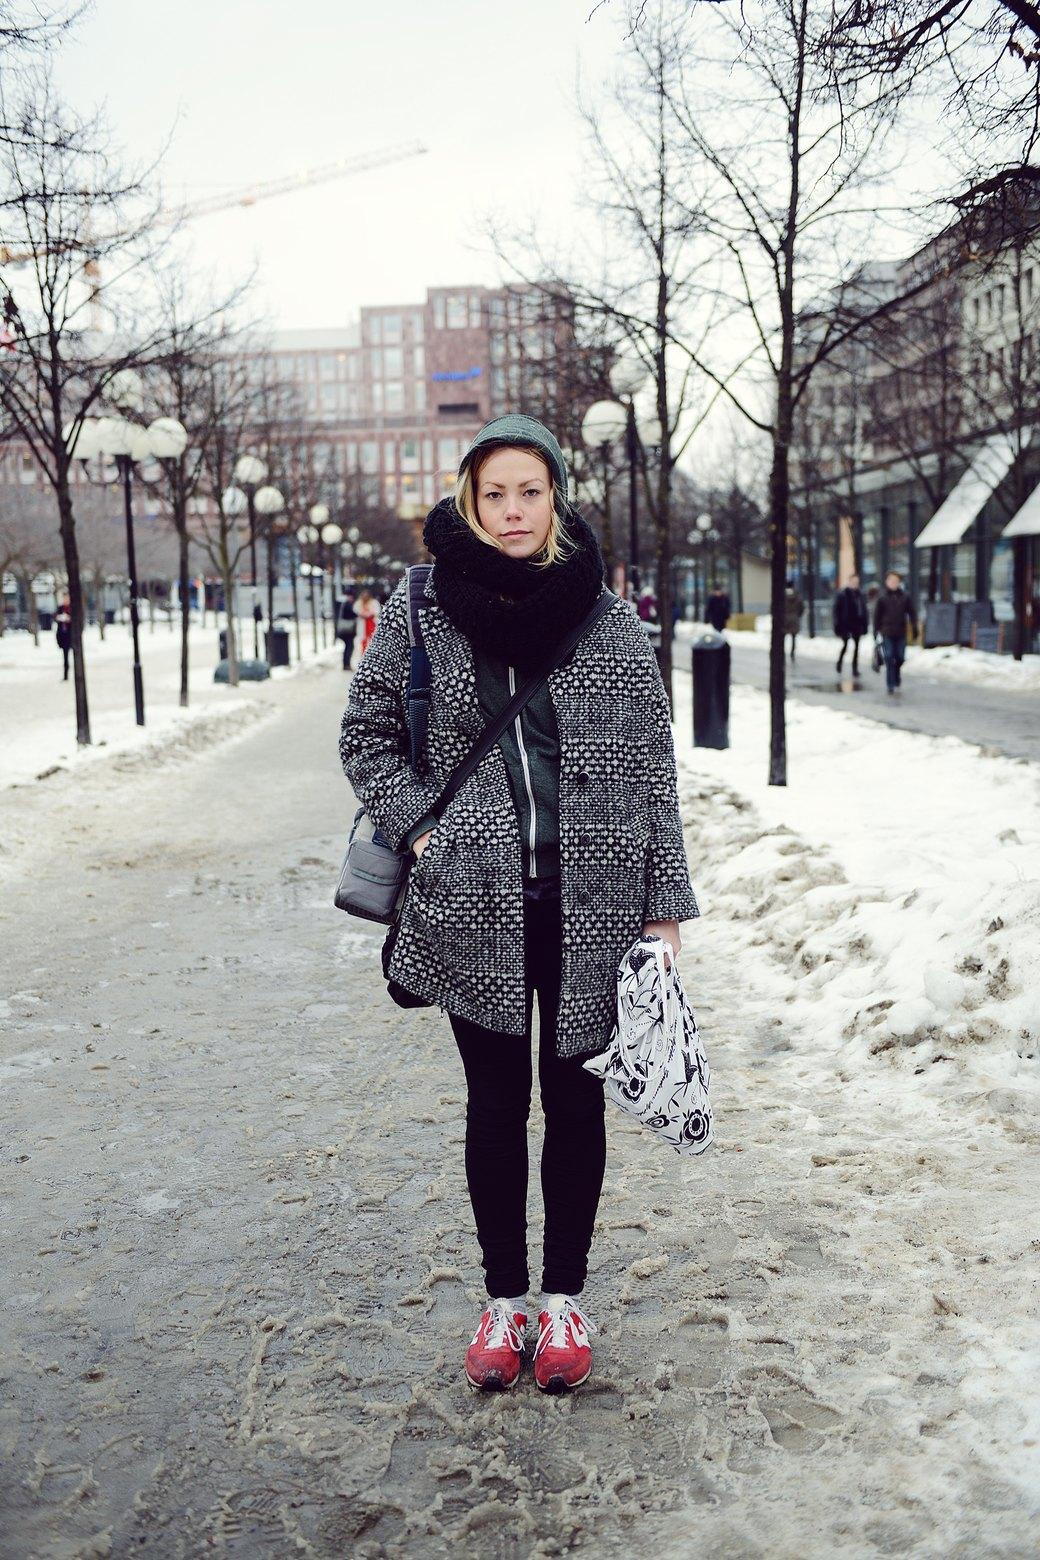 Шубы и горох на Stockholm Fashion Week. Изображение № 6.